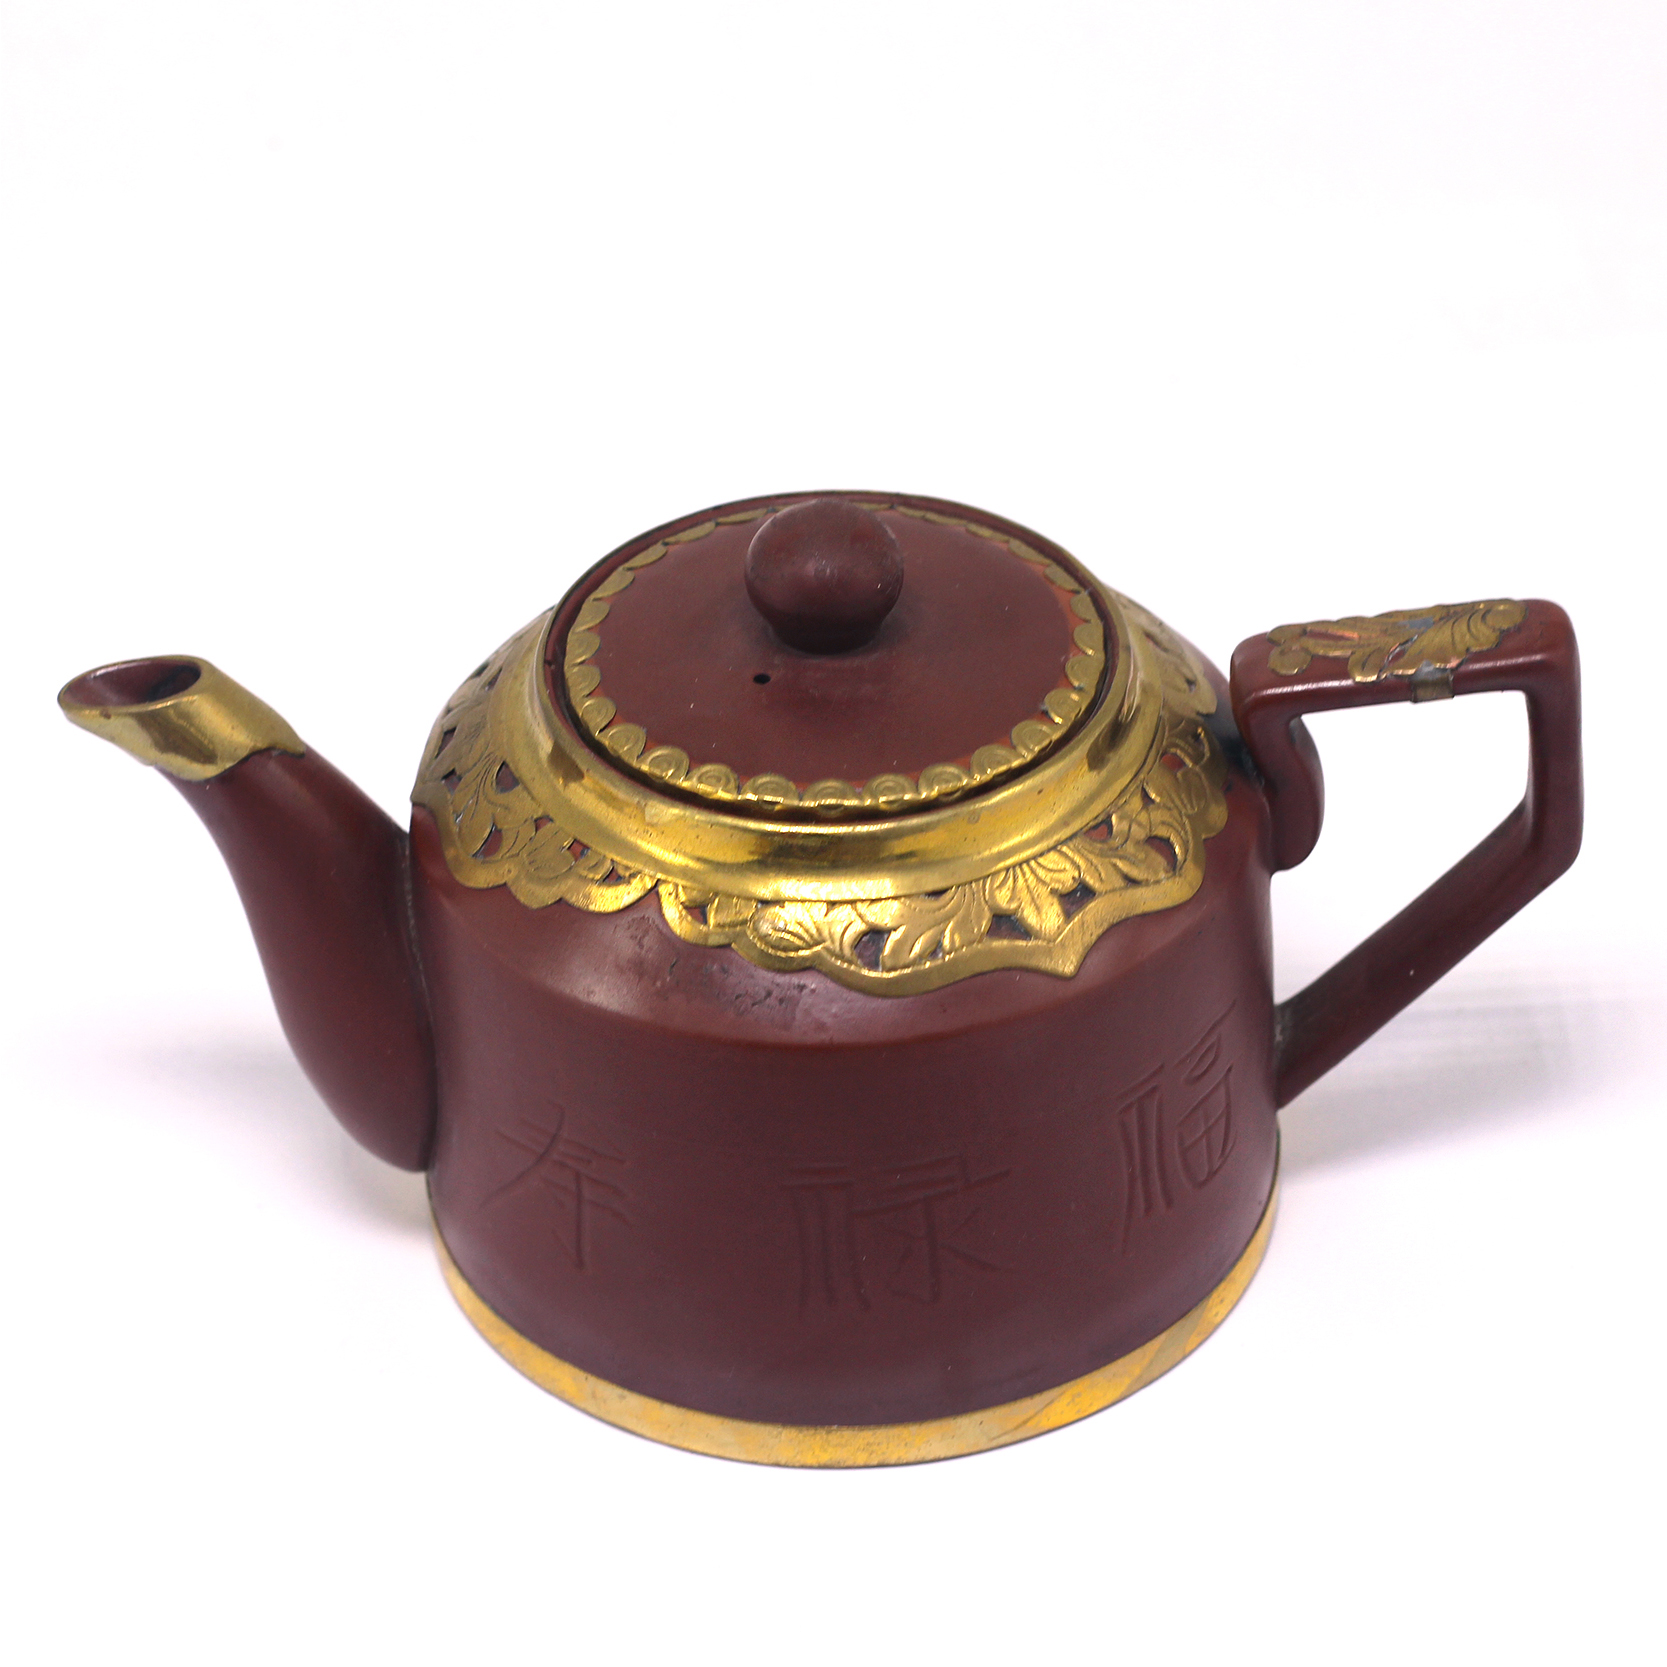 Bộ bình trà phúc lộc thọ thủng Bát Tràng Tử Sa bọc đồng tích thùng MNV-TS408